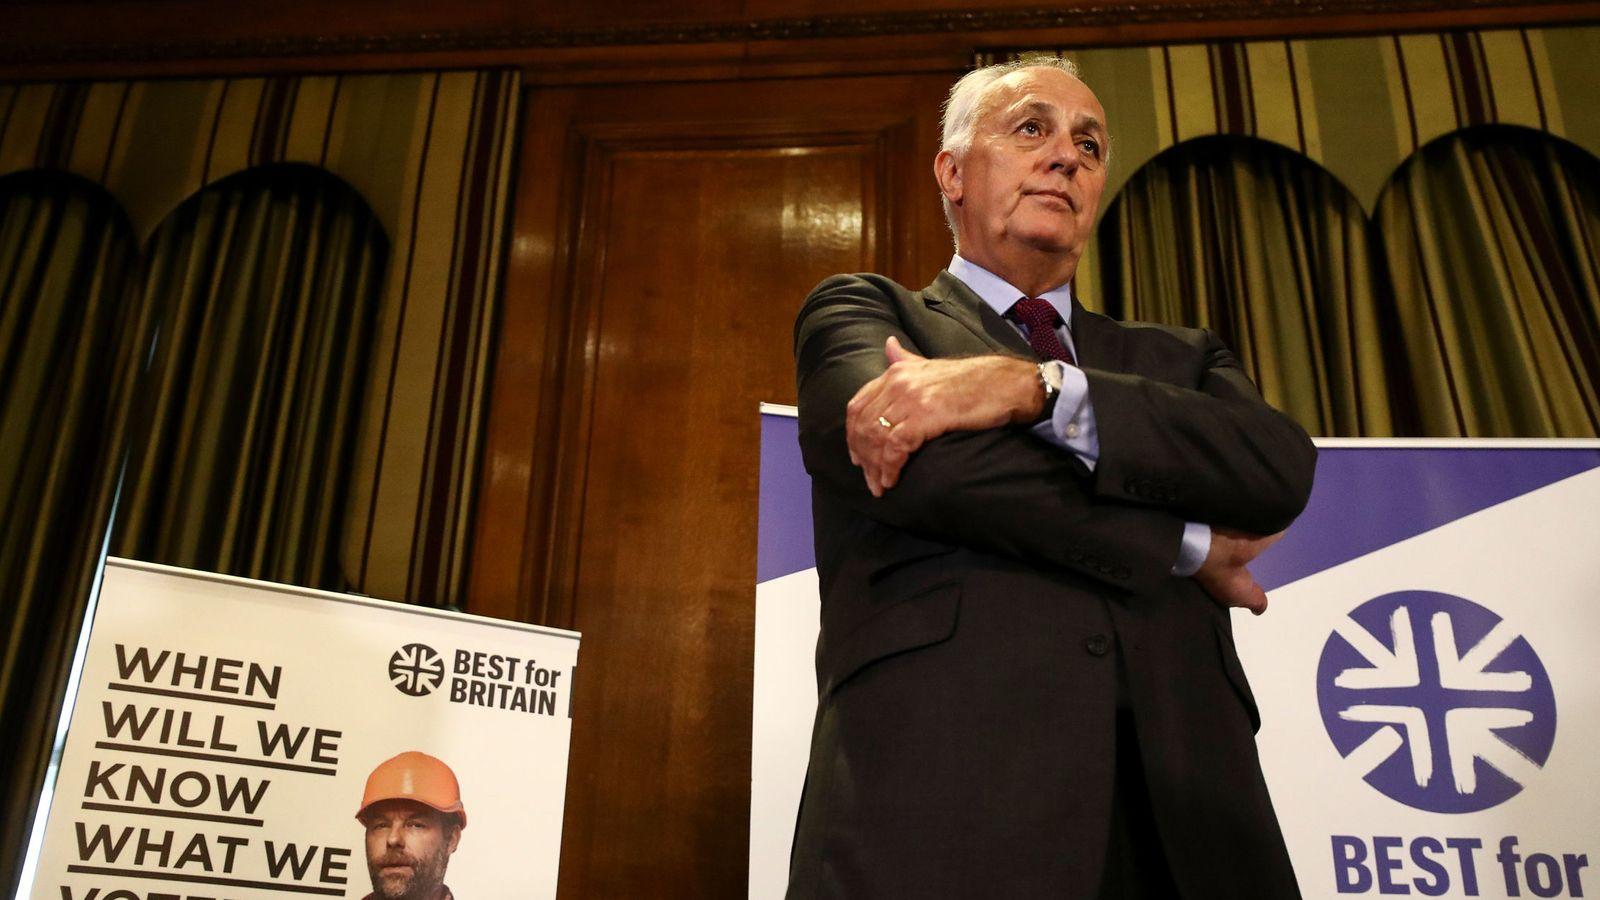 Foto: Lord Malloch-Brown, líder de la campaña Best For Britain, en una rueda de prensa en Londres, este viernes. (Reuters)